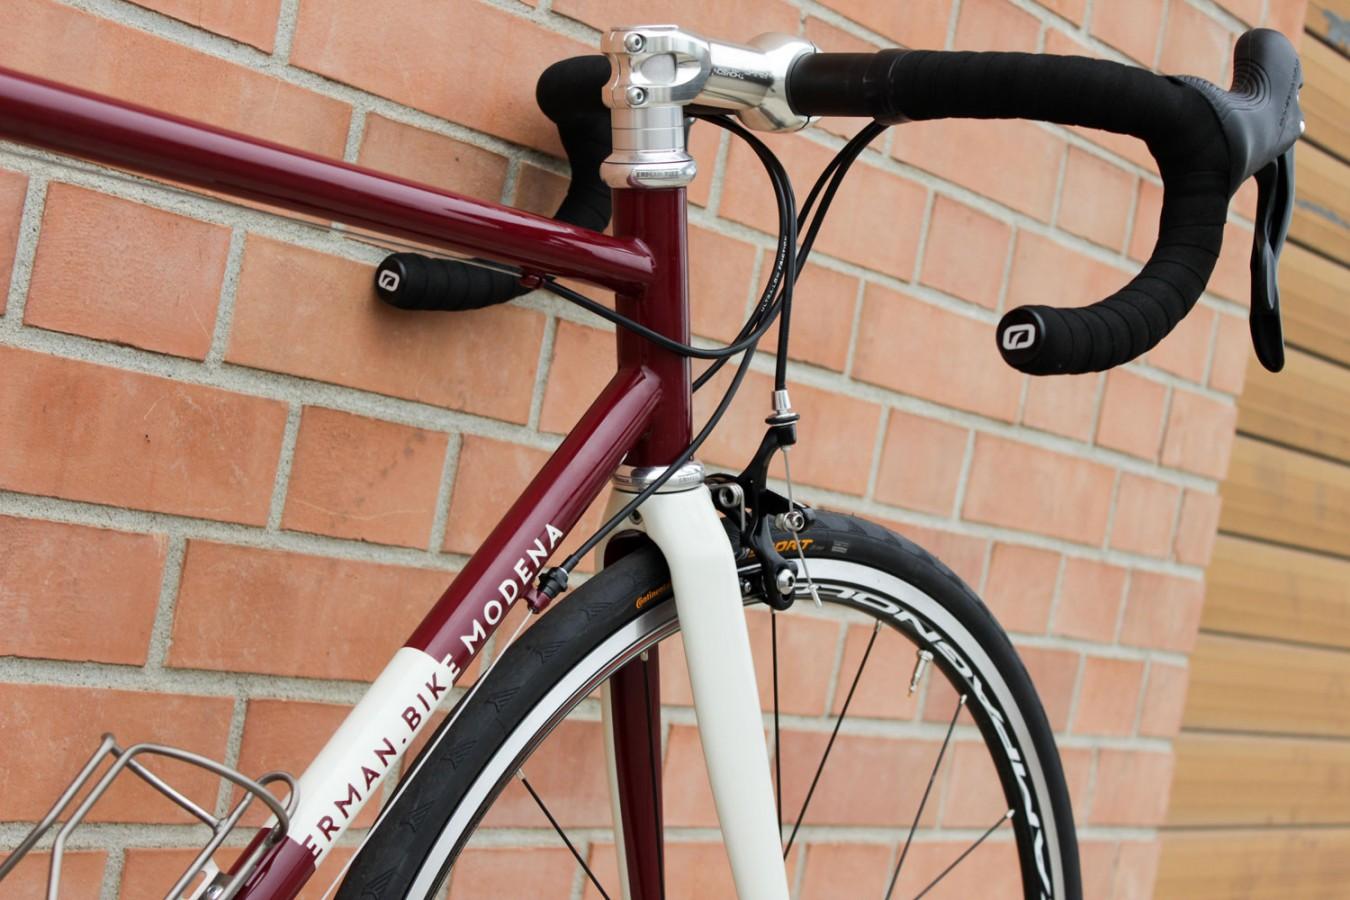 erman_bike_fassa_gardeccia_fedaia_baldo_lazy_team-1